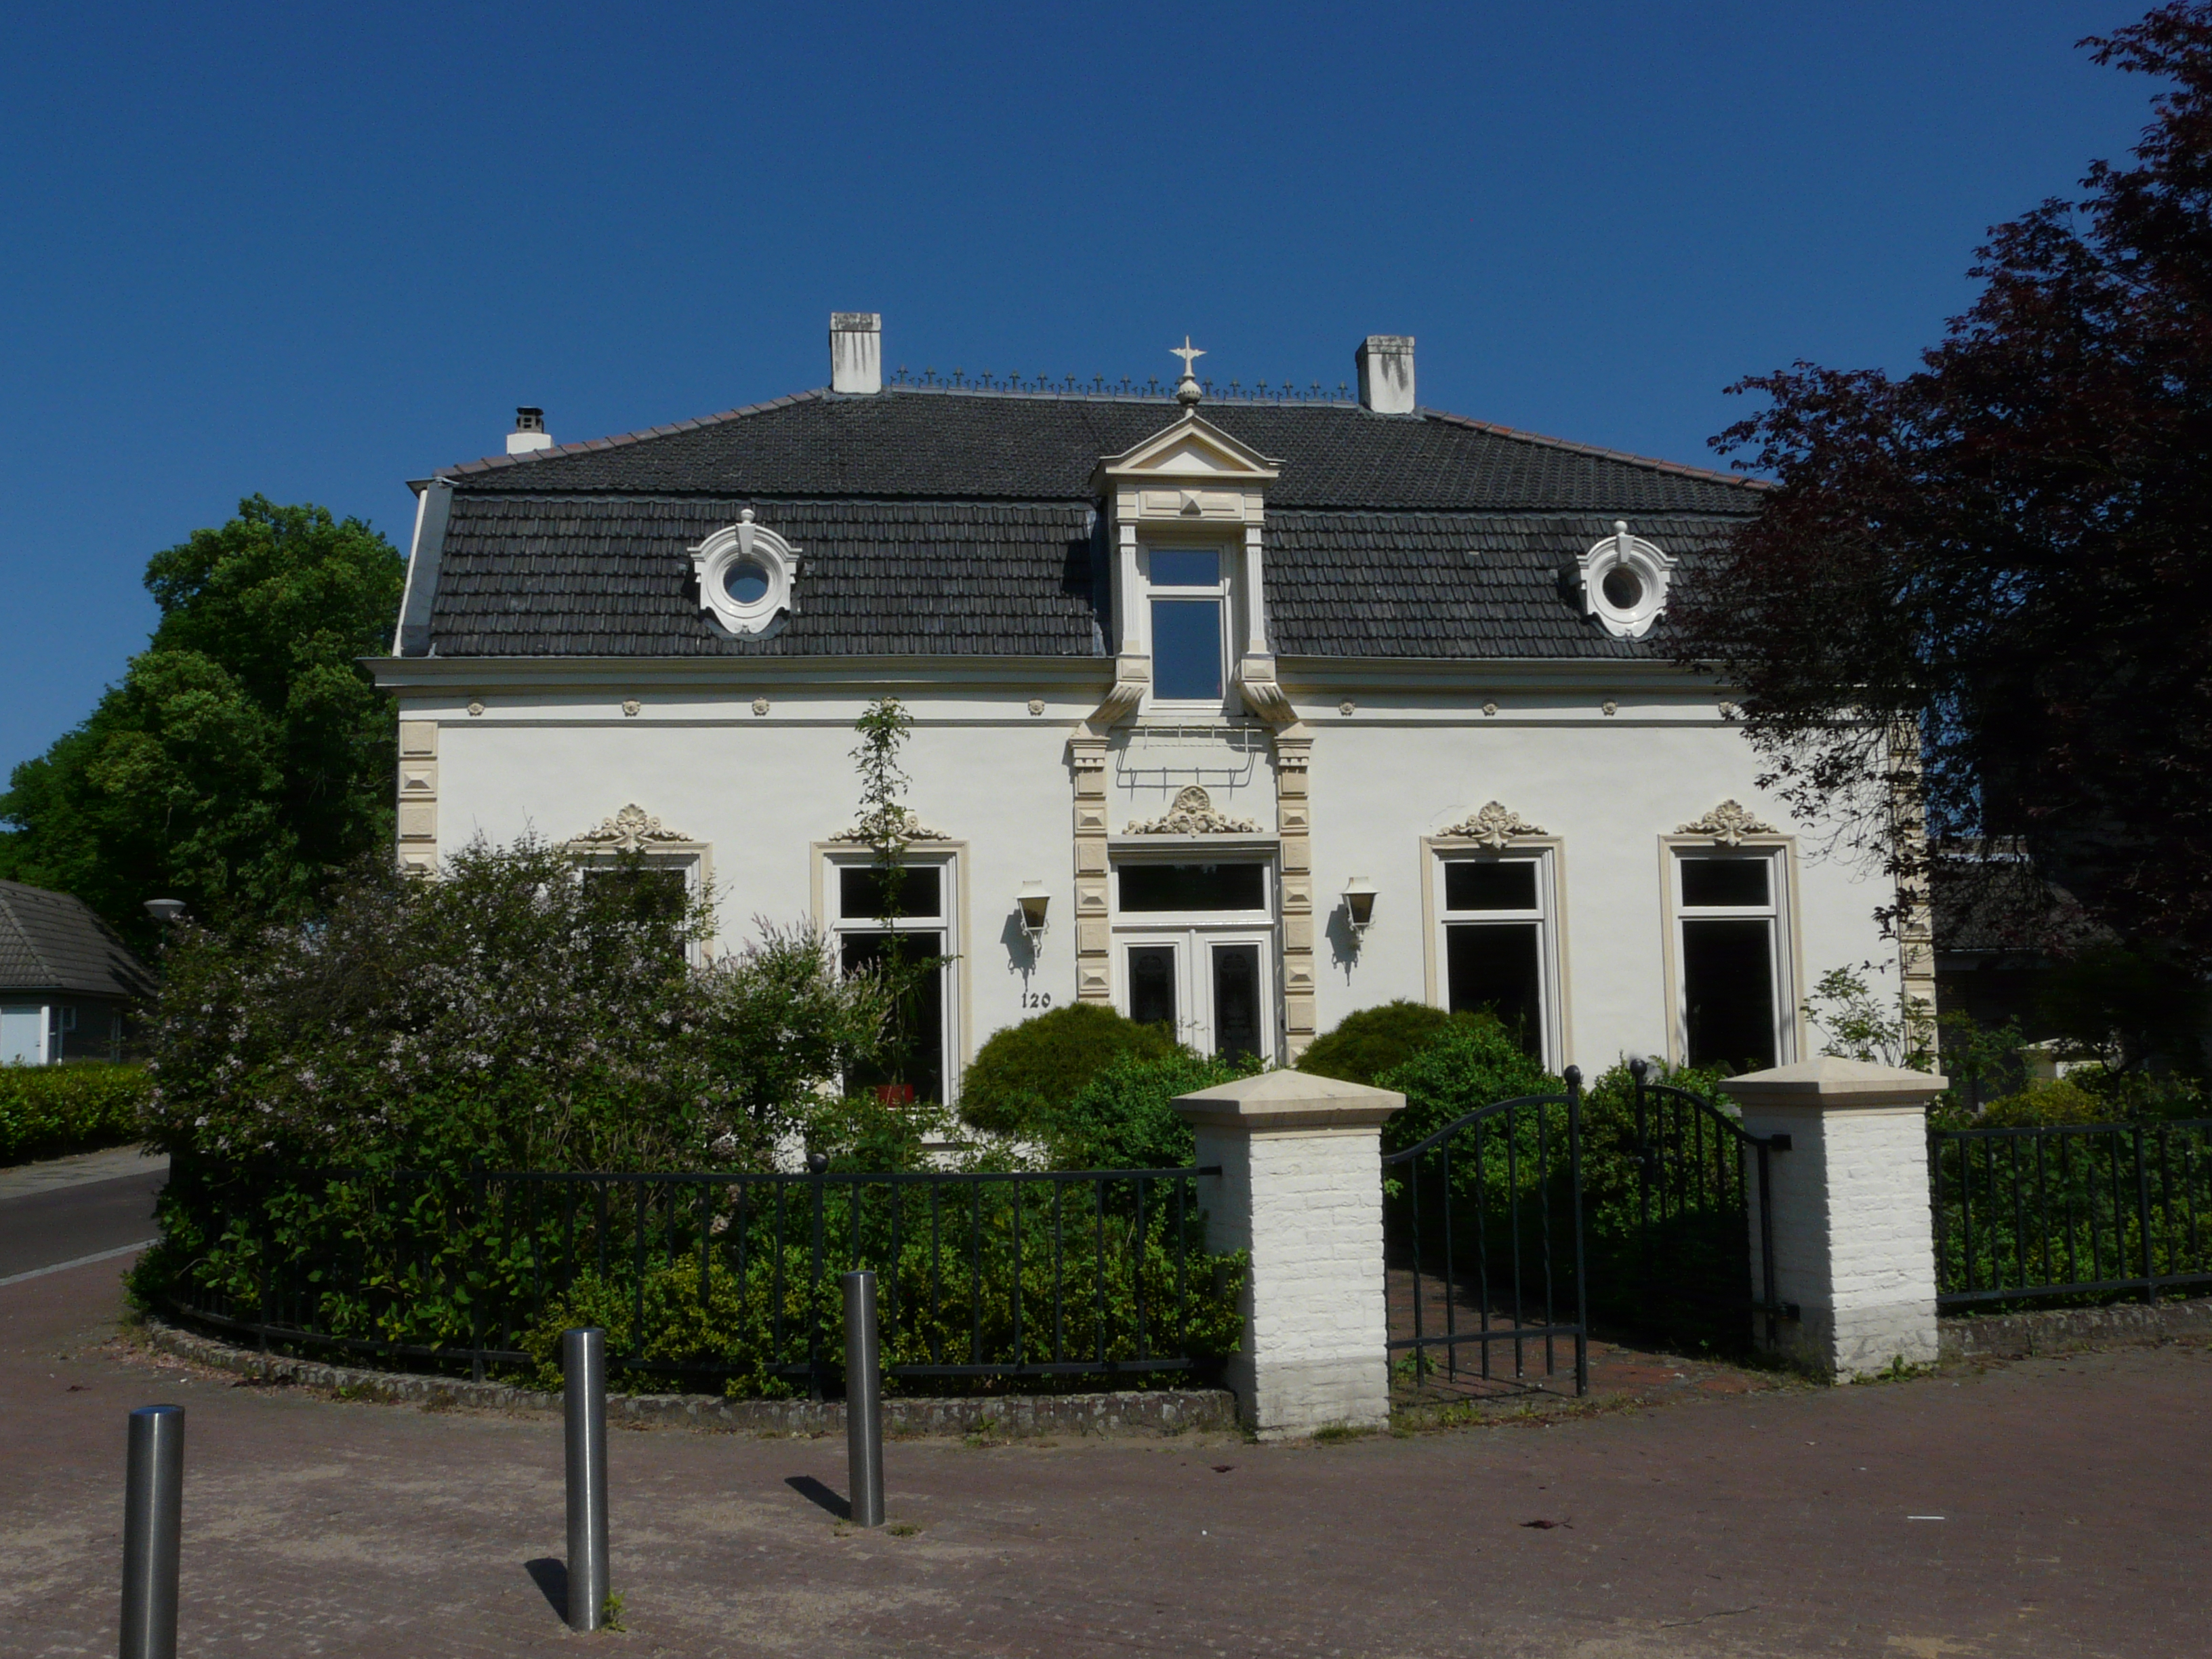 Herenhuis in eclectische stijl in heeze monument for Eclectische stijl interieur